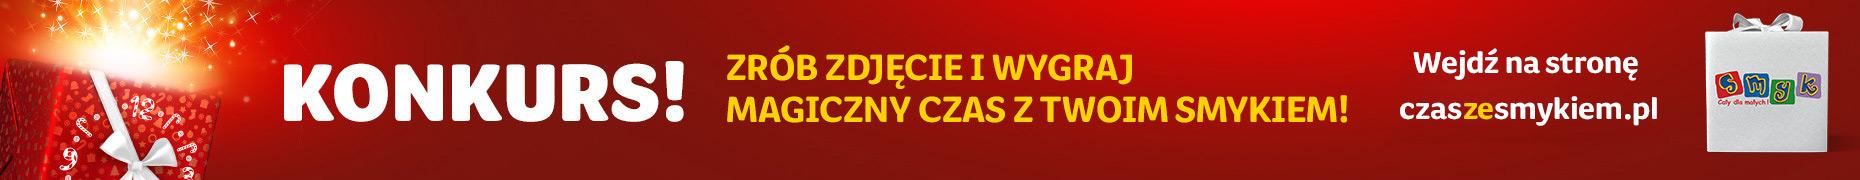 Konkurs - Wejdź na stronę czaszesmykiem.pl